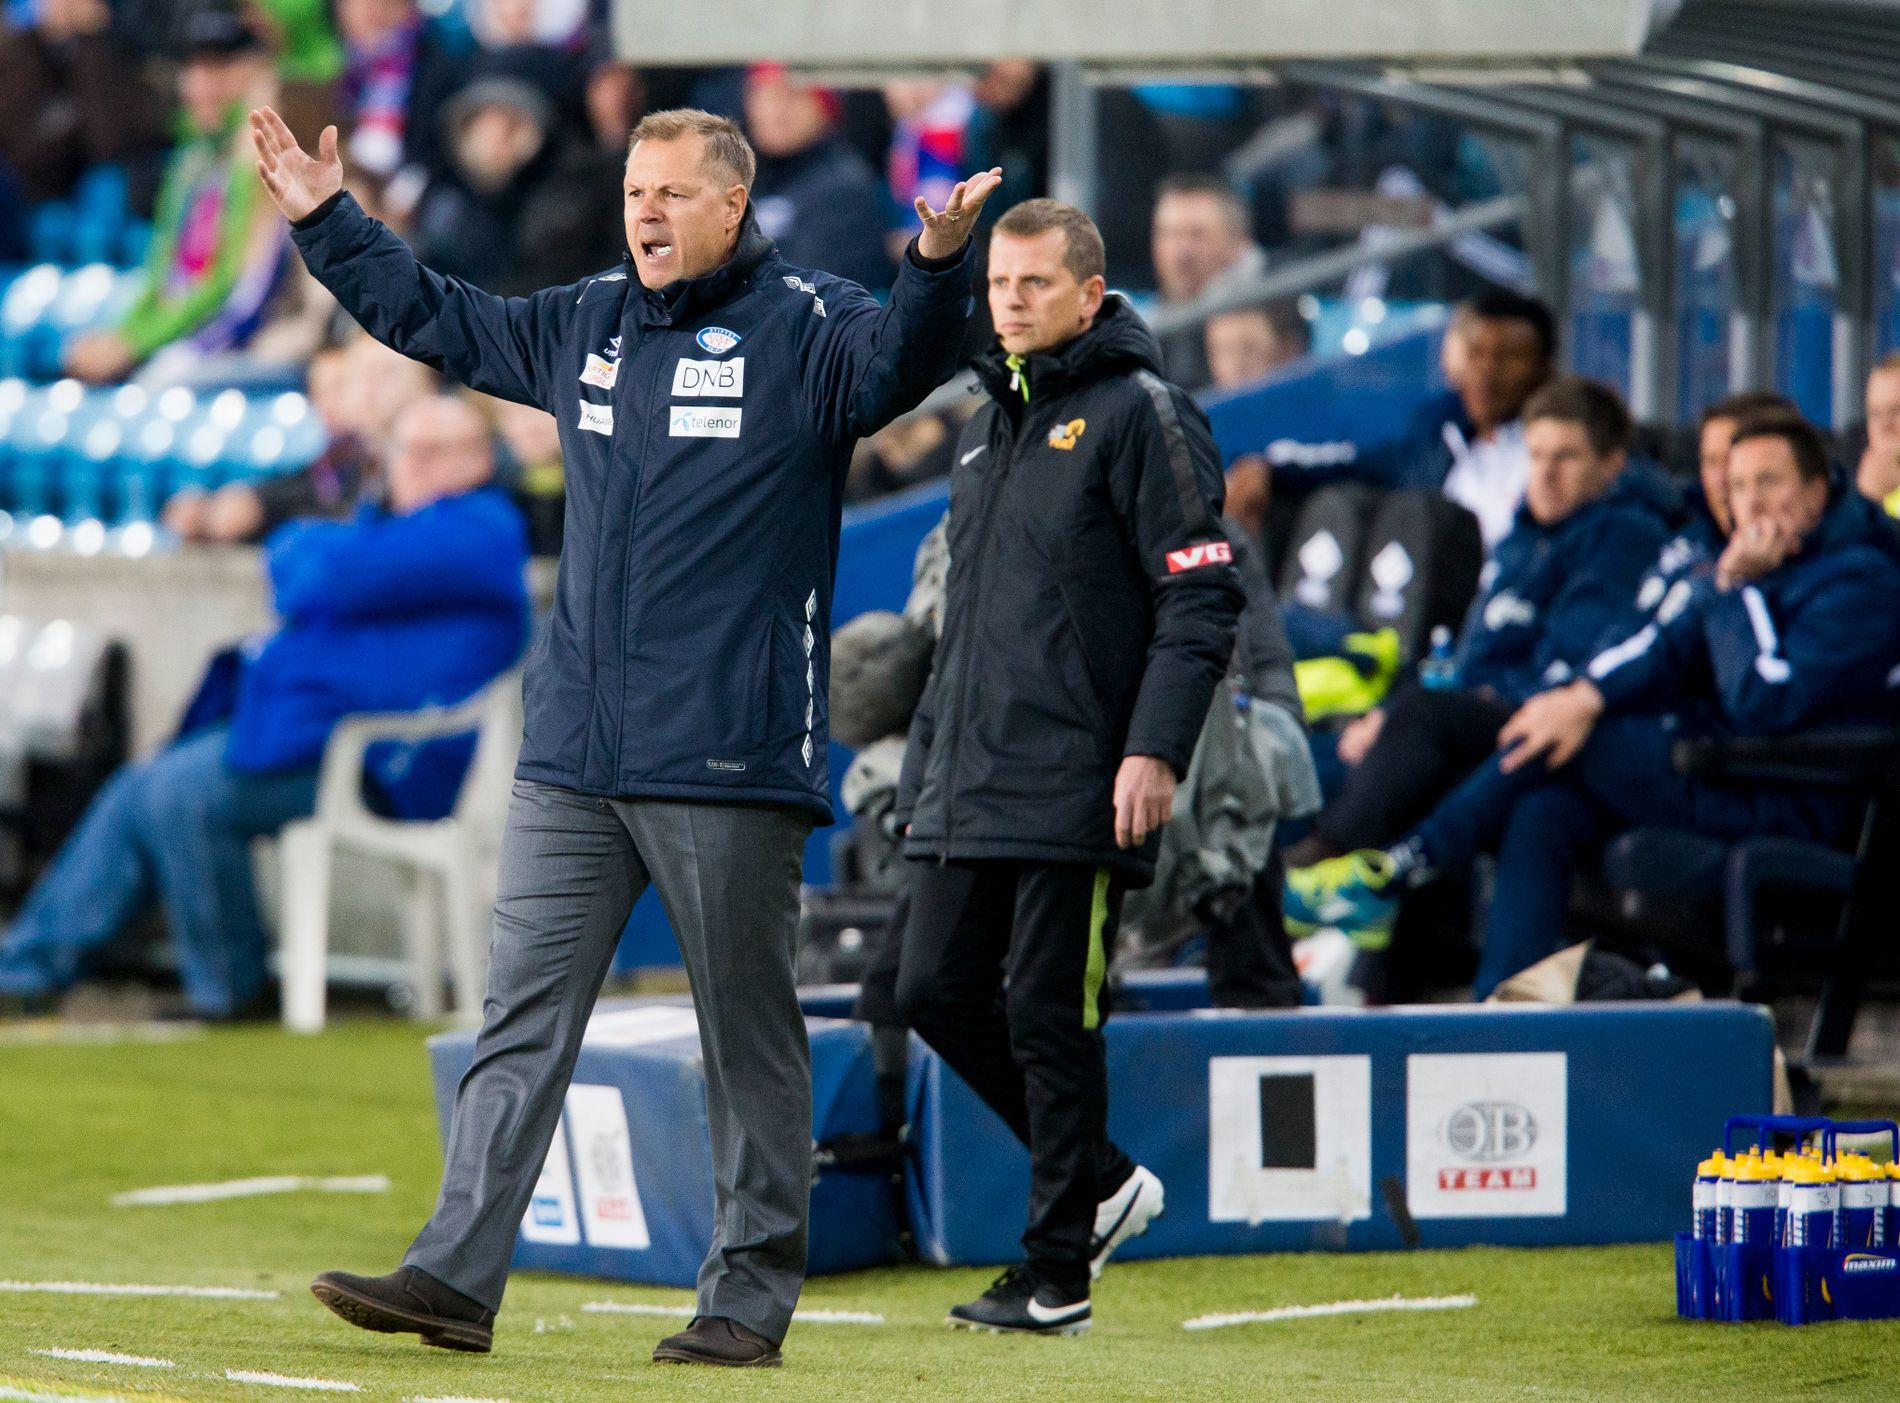 LØTEN-TREKNING: Kjetil Rekdal, her under oppgjøret mot Viking, møter Løten i cupen.